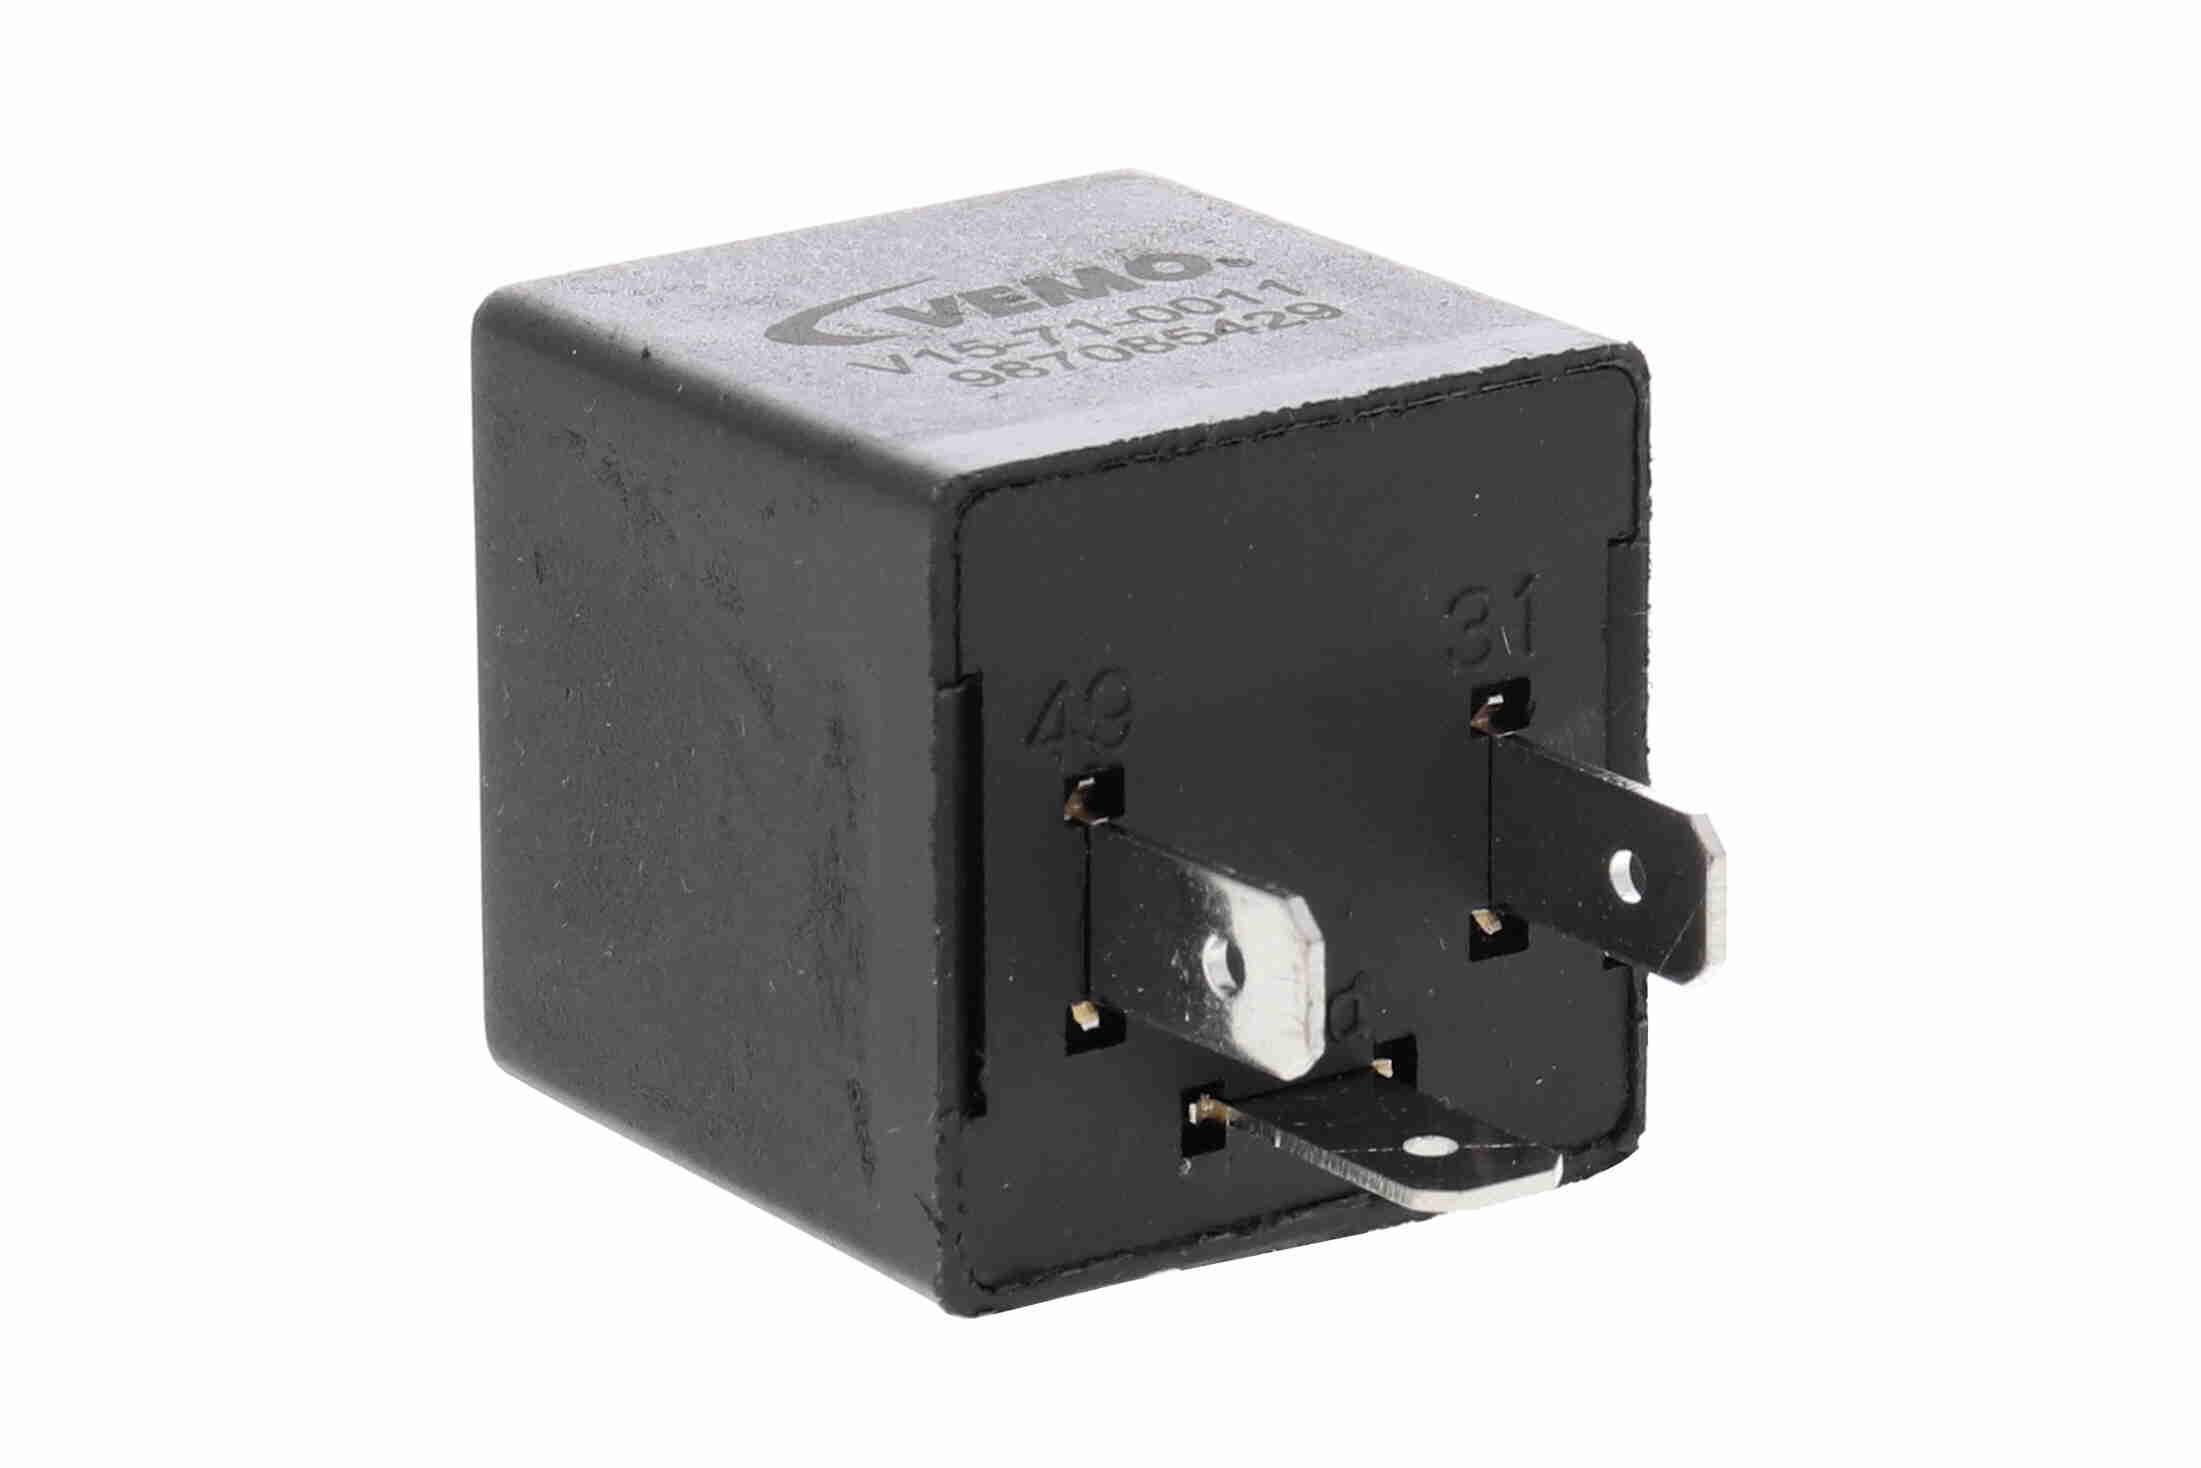 Мигачи V15-71-0011 за FORD P 100 на ниска цена — купете сега!